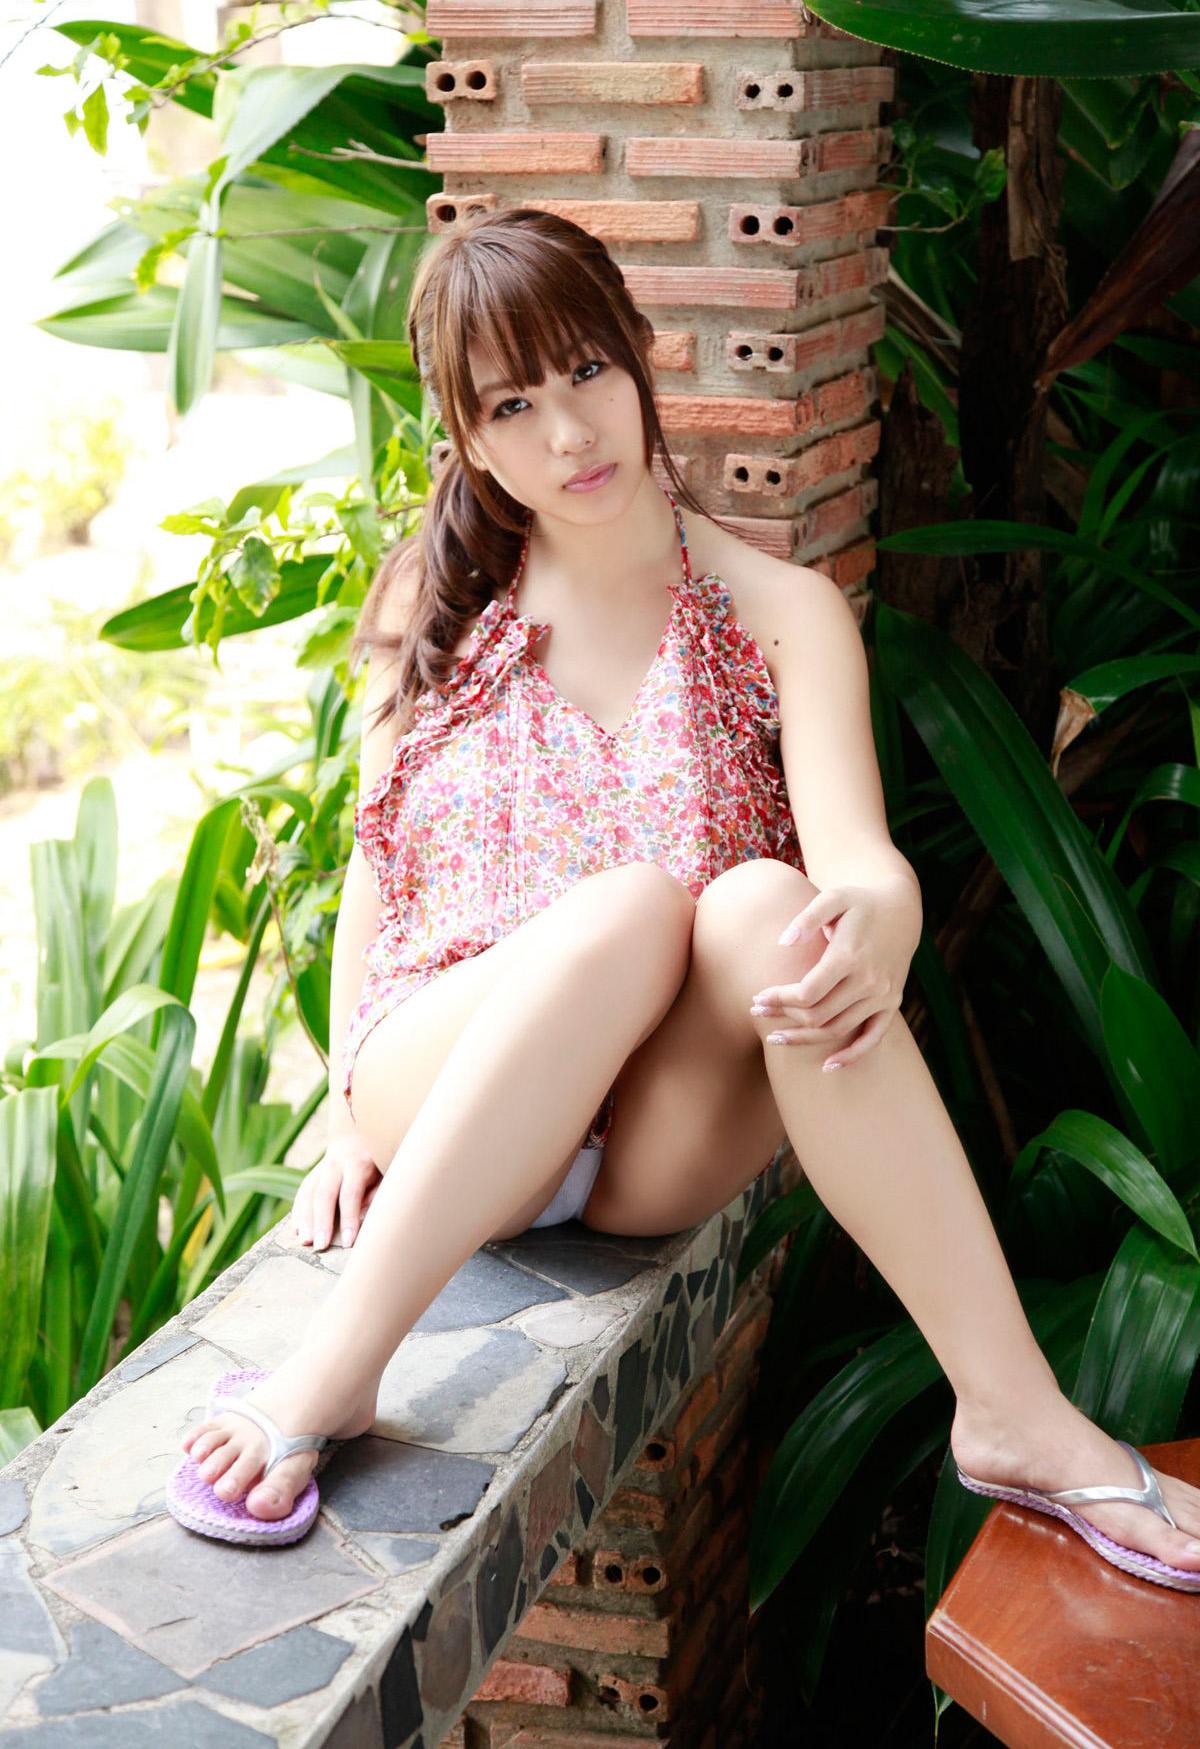 西田麻衣 画像 80